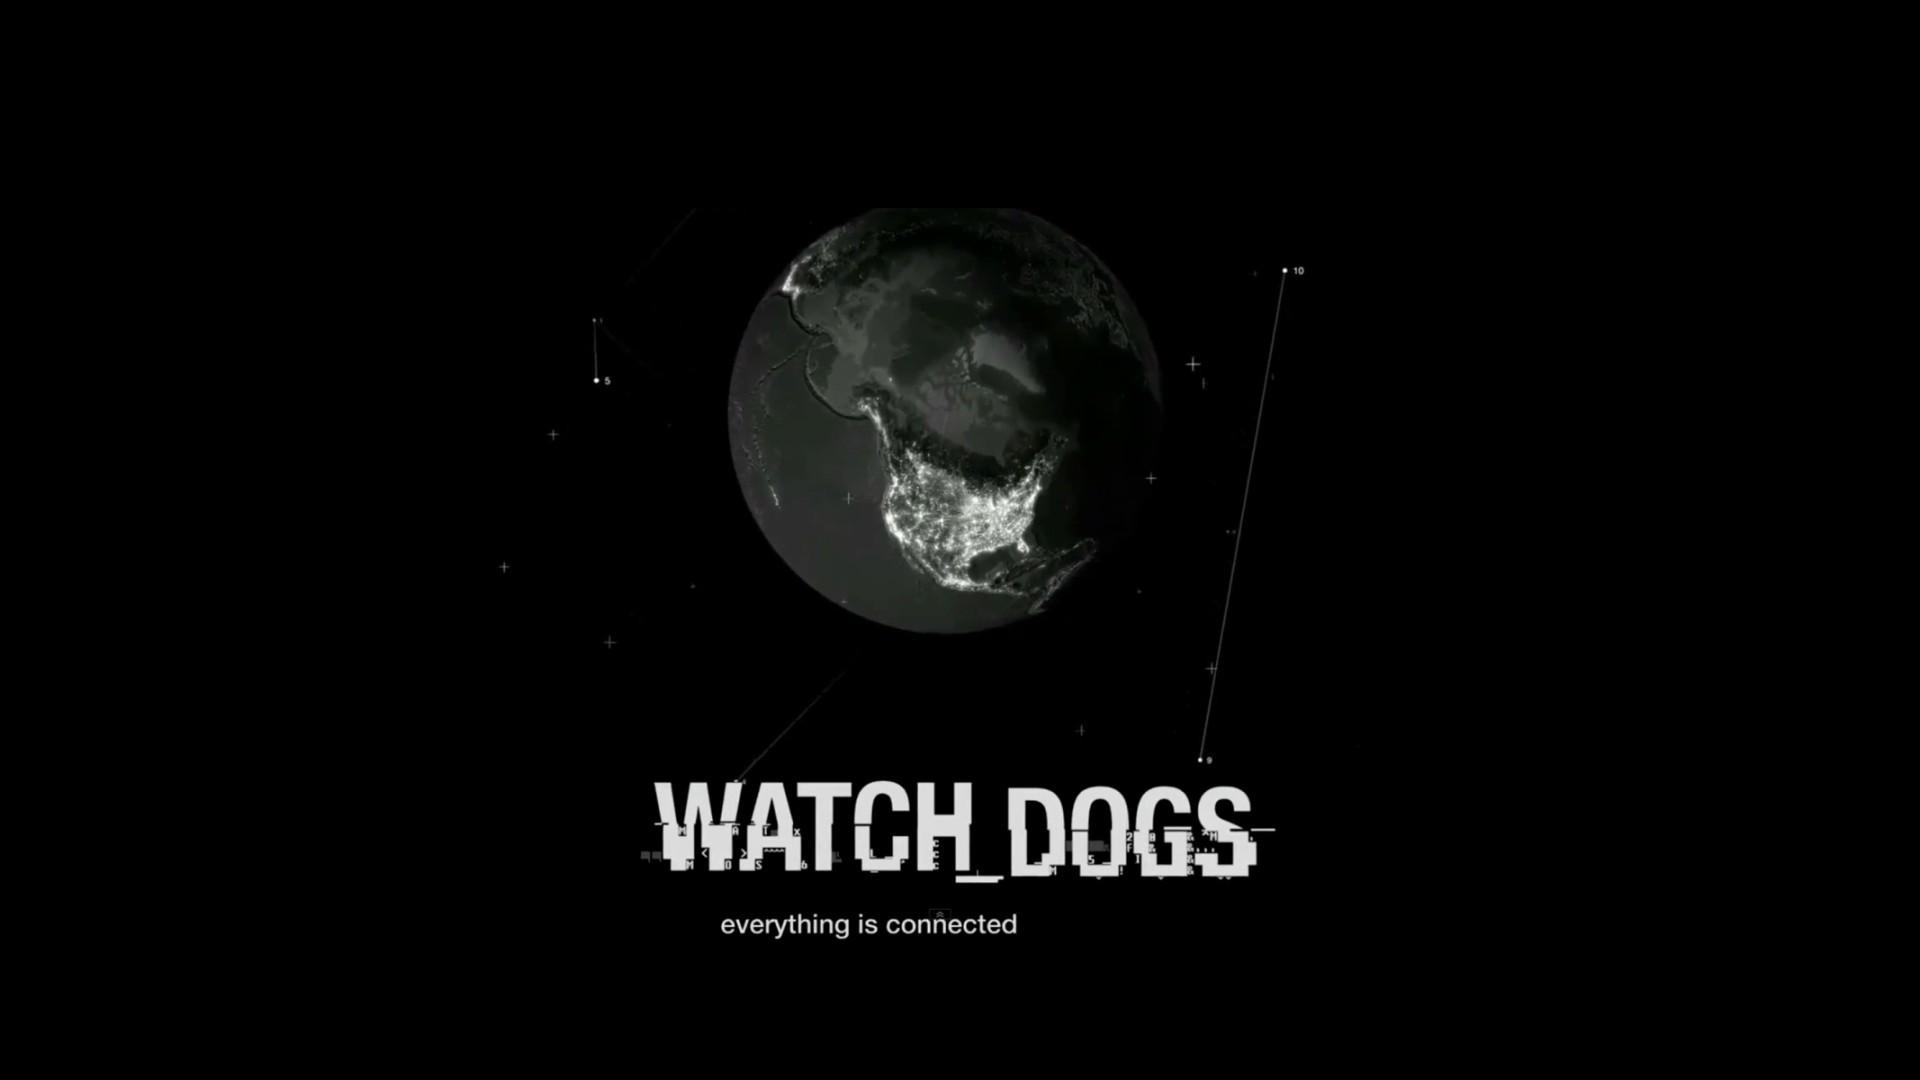 Aiden Pearce Ubisoft Watch Dogs cyberpunk video games wallpaper (#2629205)  / Wallbase.cc   Watch Dogs scene   Pinterest   Cyberpunk, Wallpaper and  High …